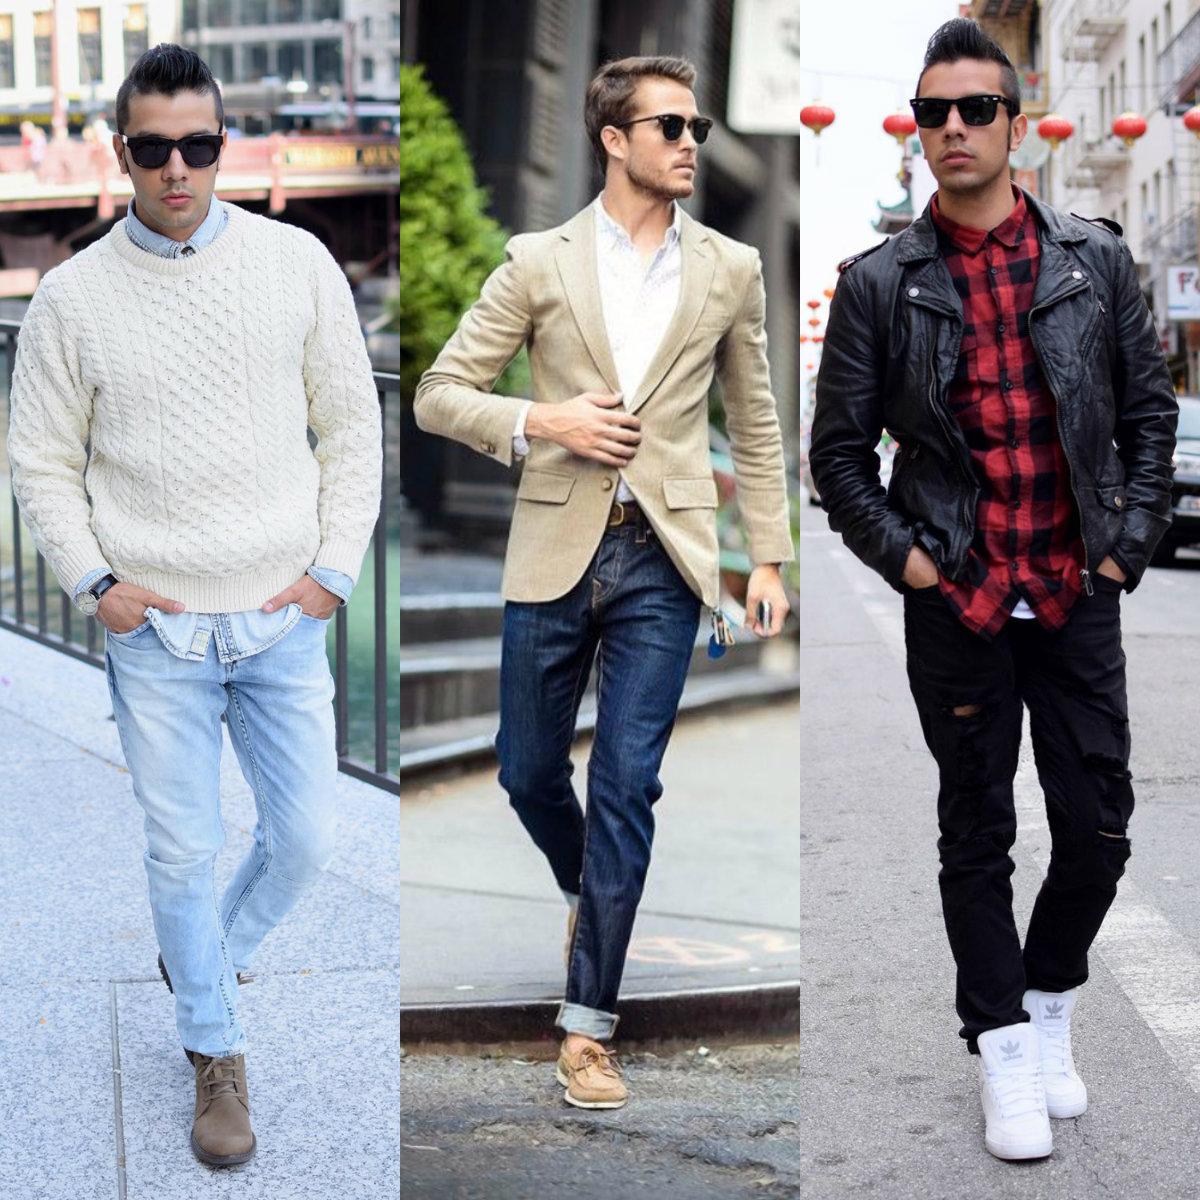 Мужские джинсы 2019: варианты комбинаций с верхом